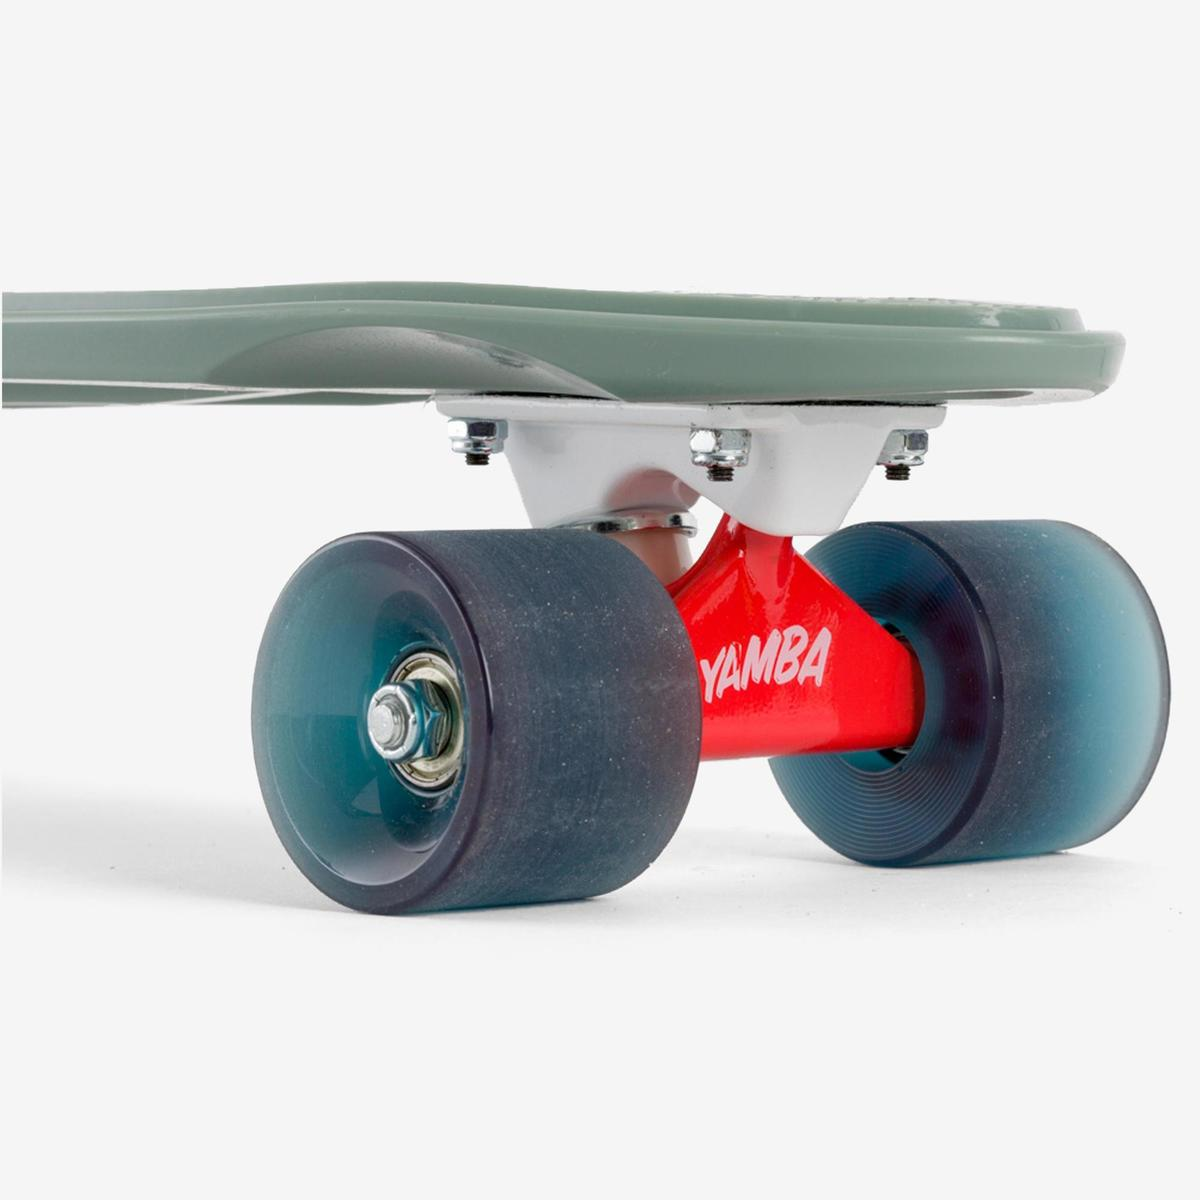 Bild 4 von Cruiser Skateboard Yamba khaki